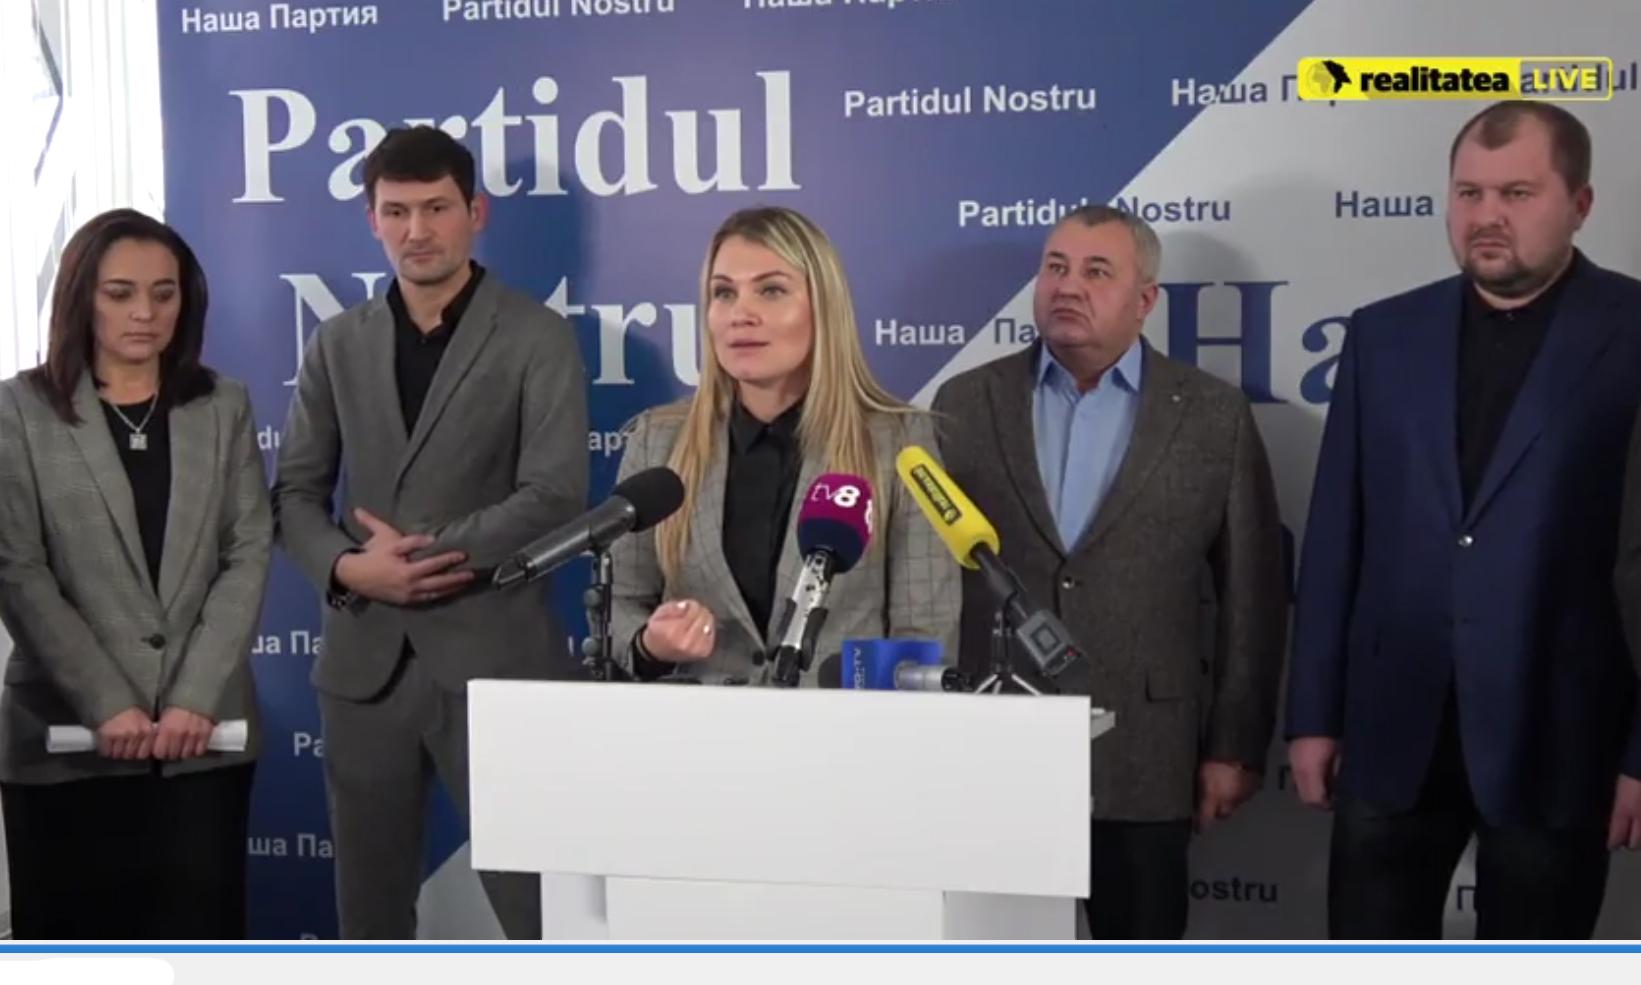 """""""Partidul Nostru"""" riscă să fie eliminat din campania electorală"""